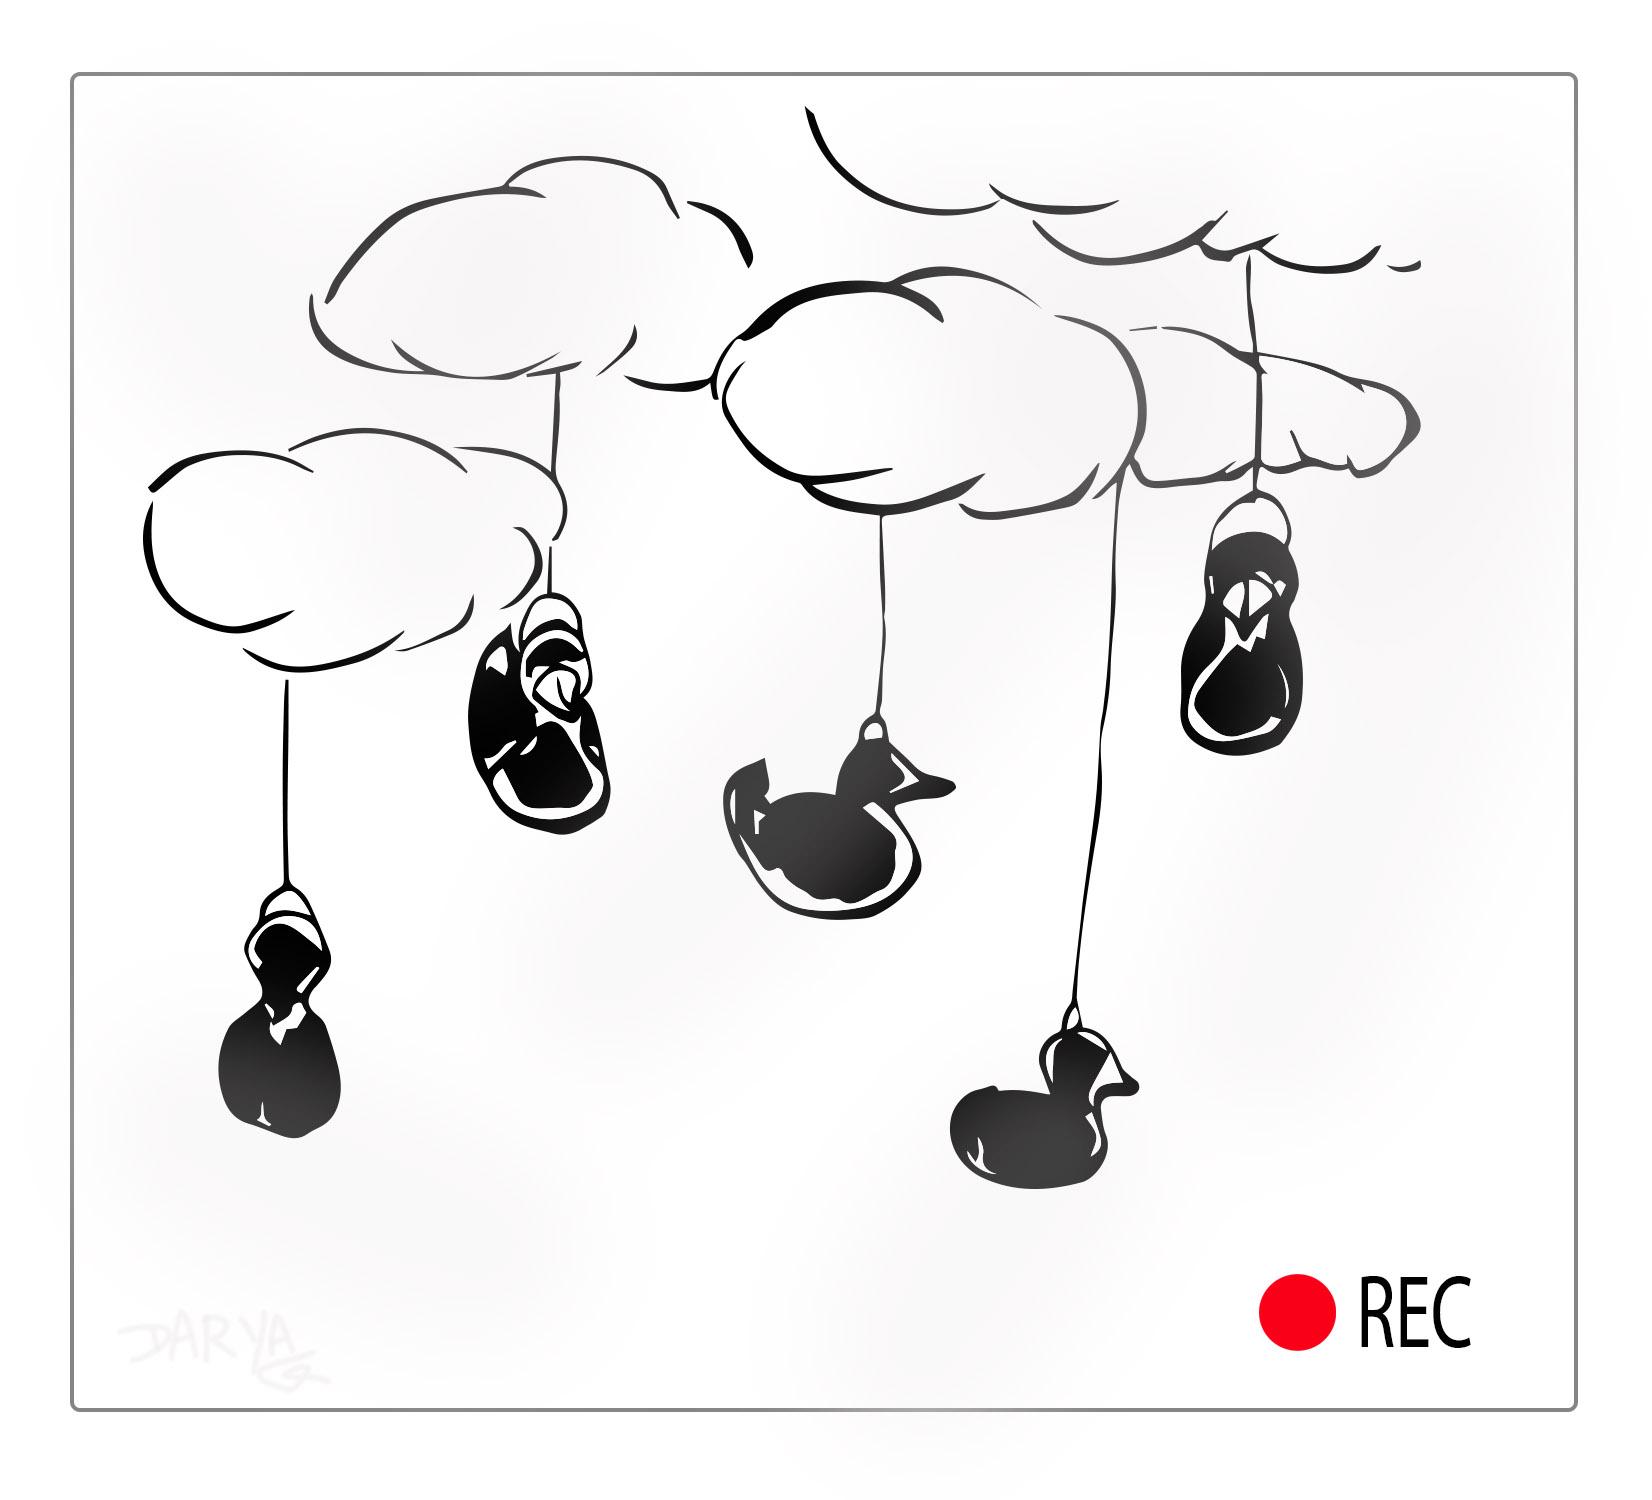 « REC »